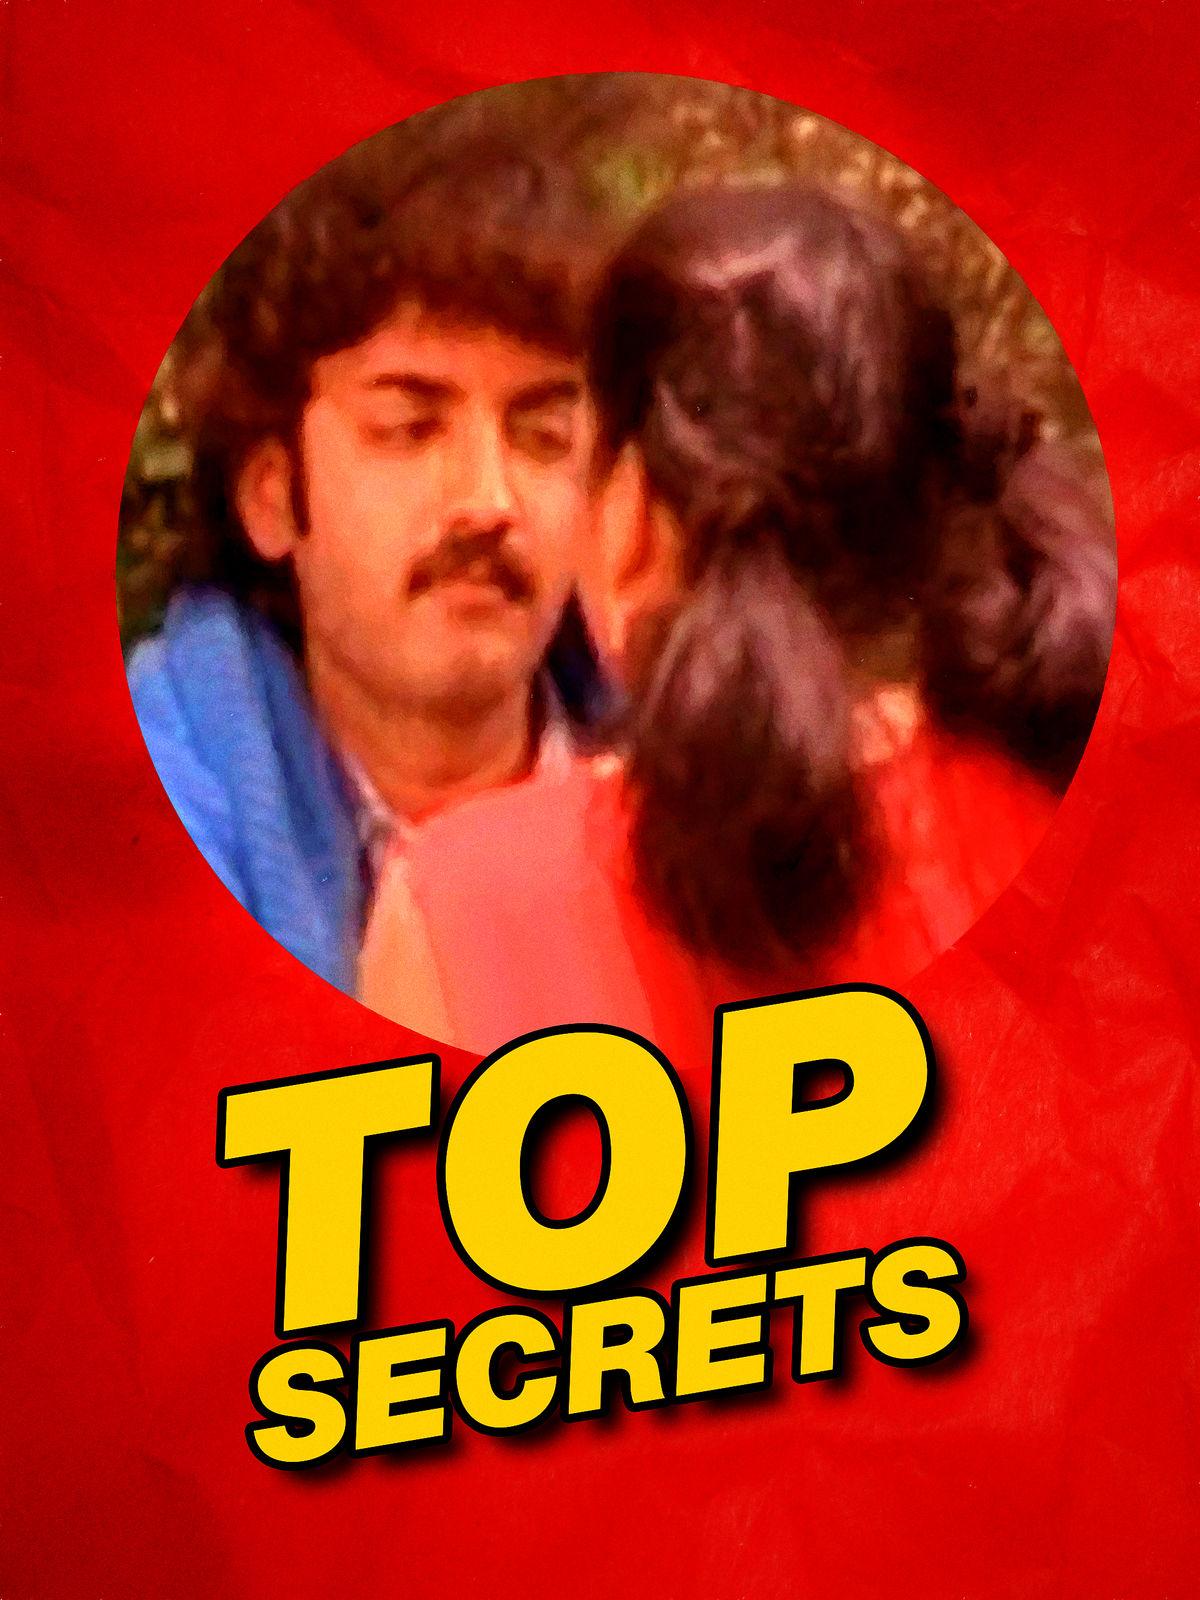 Top Secrets - Tamil